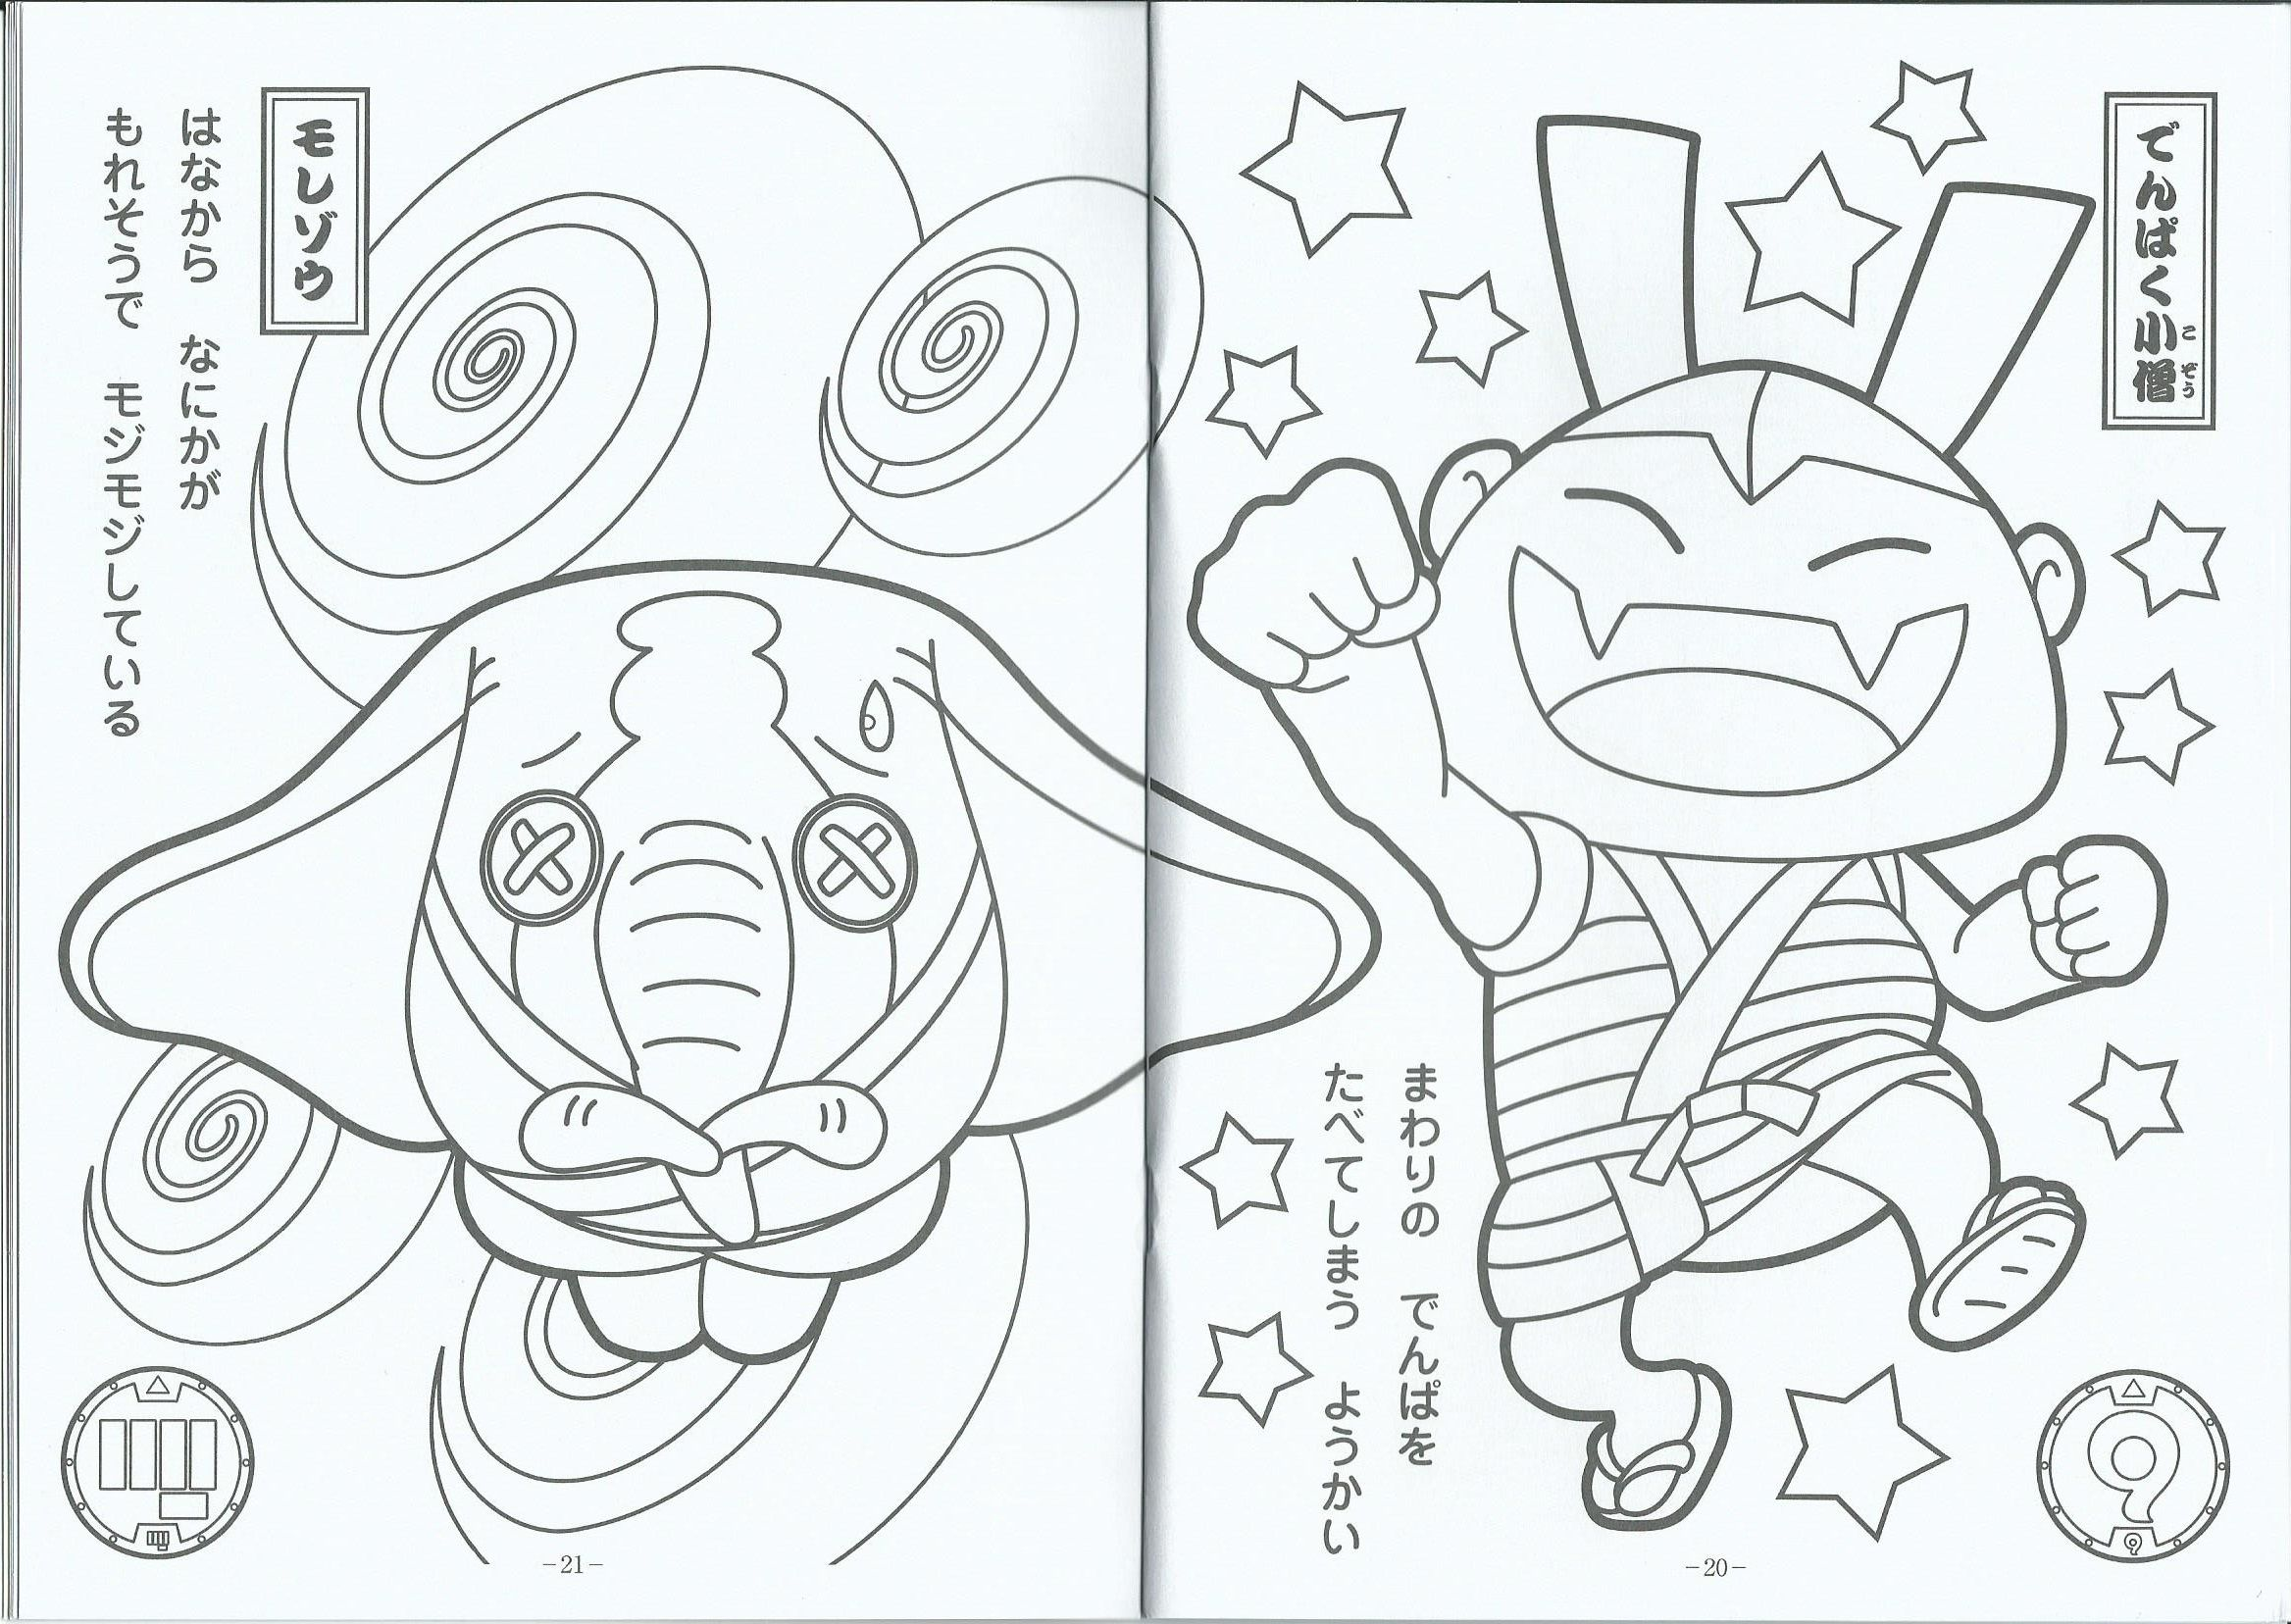 Beau Dessin A Imprimer Yo Kai Watch 2